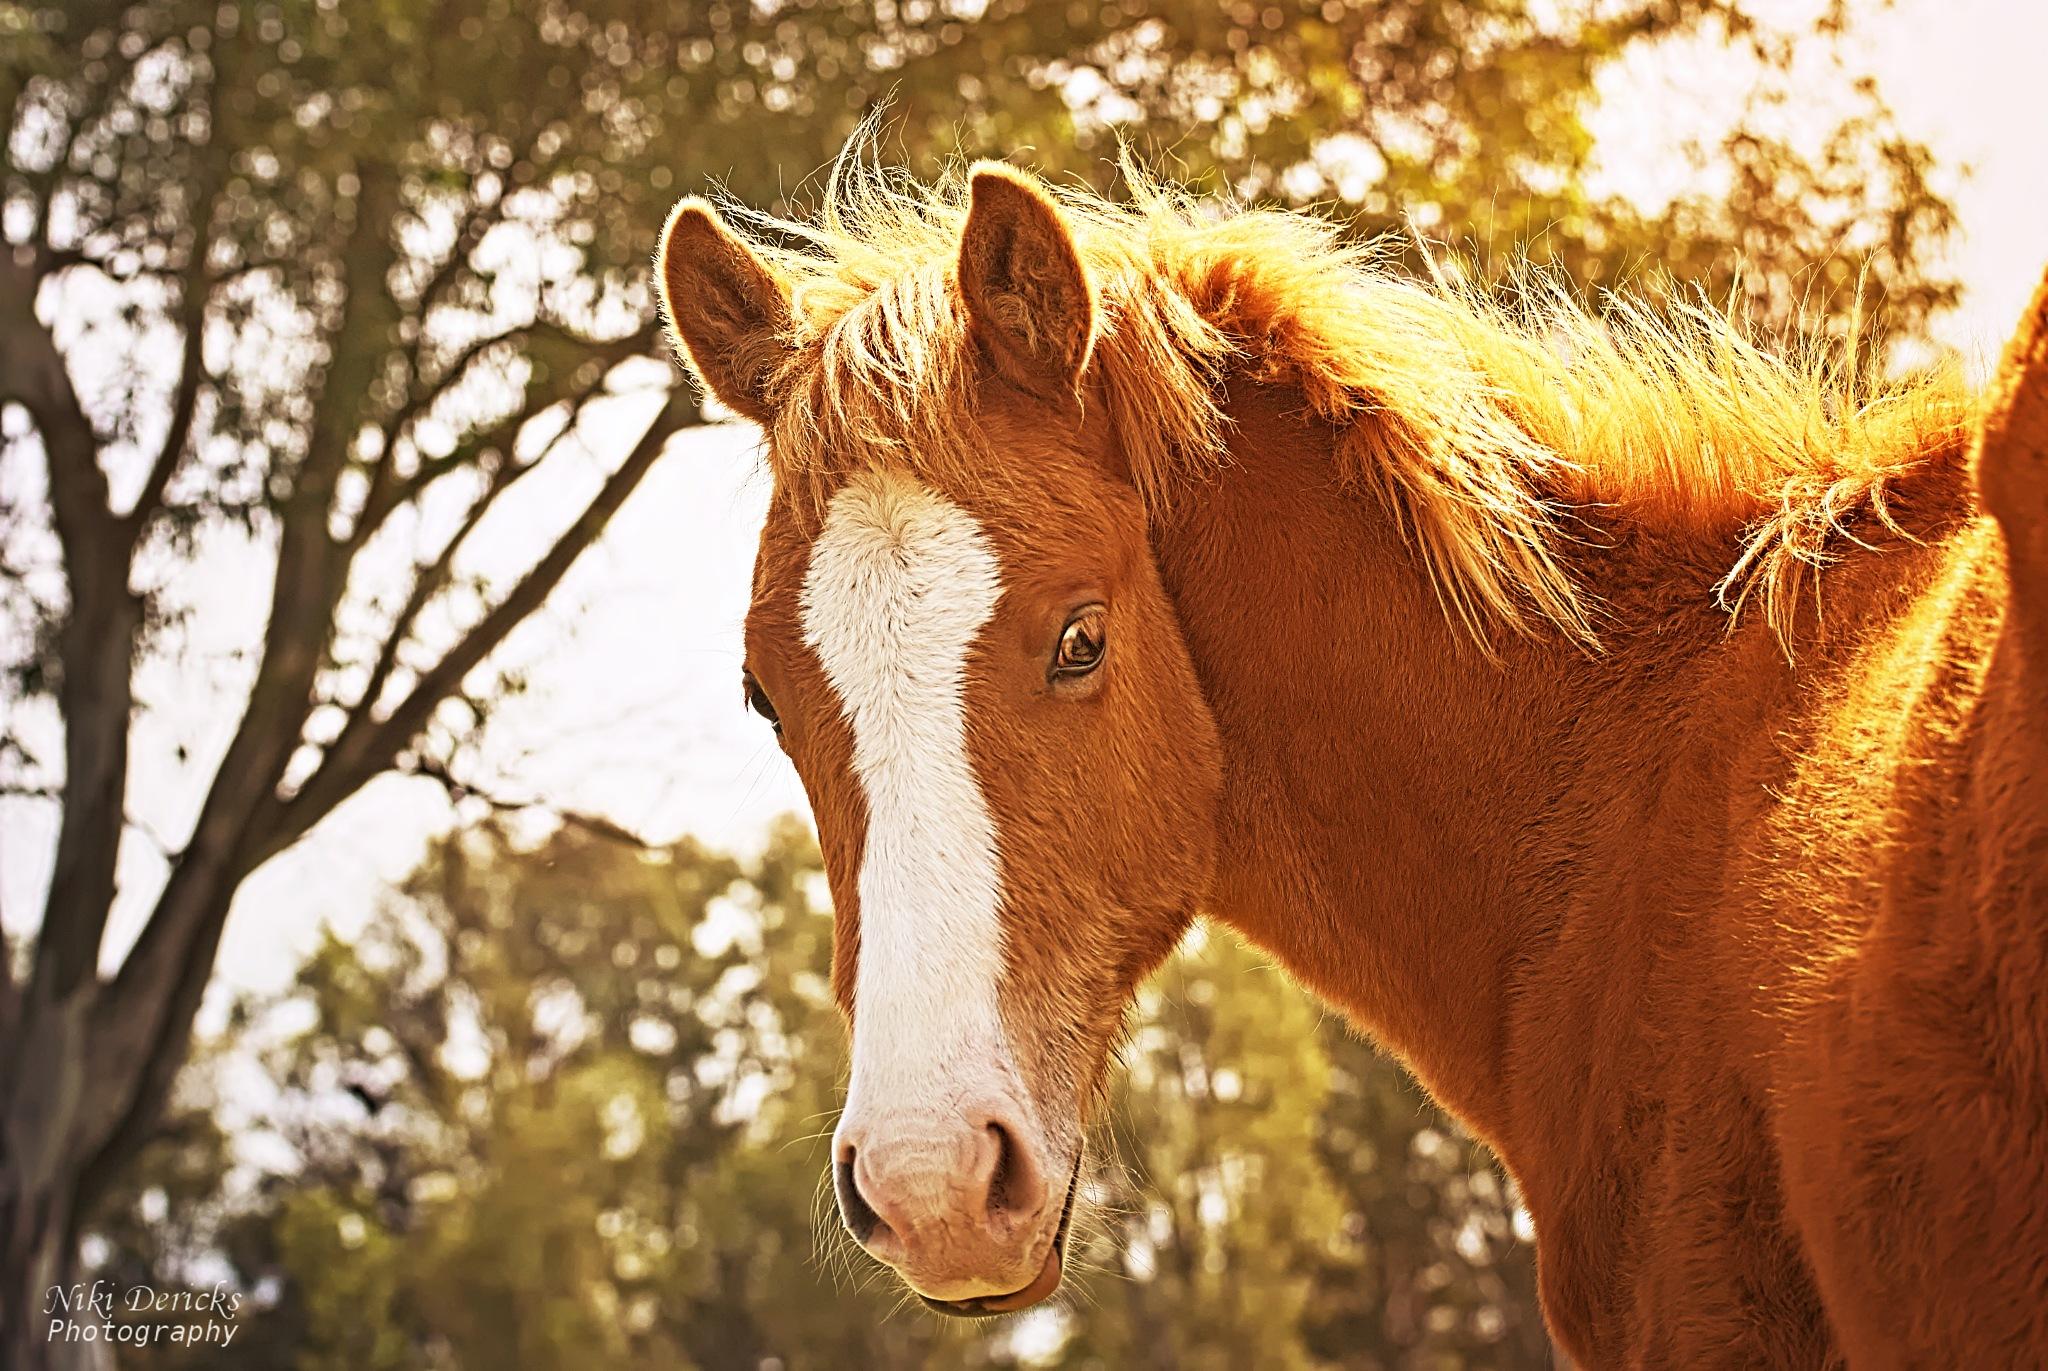 Foal by Niki Dericks